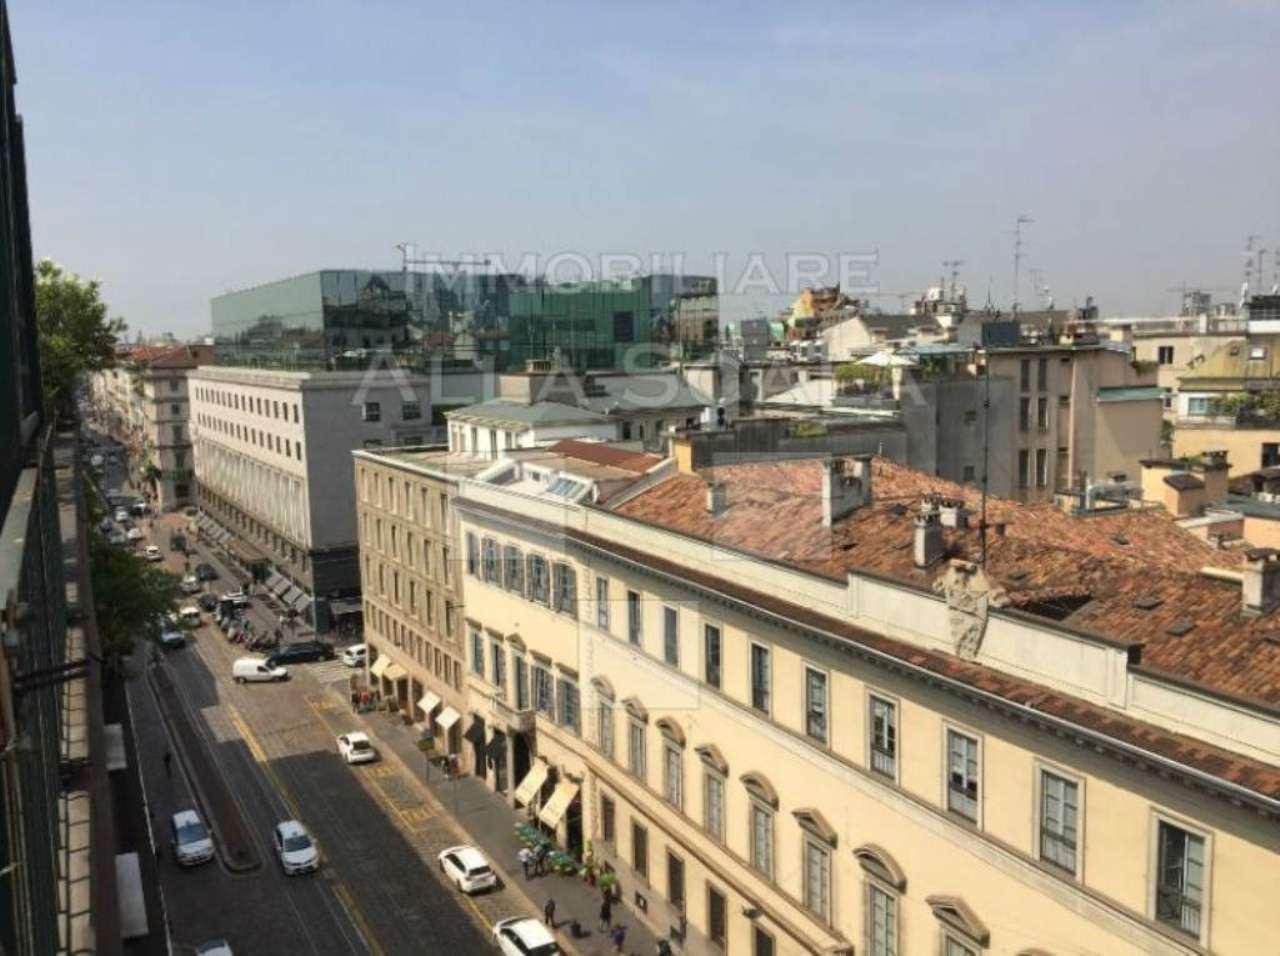 Attico in Vendita a Milano: 3 locali, 135 mq - Foto 3